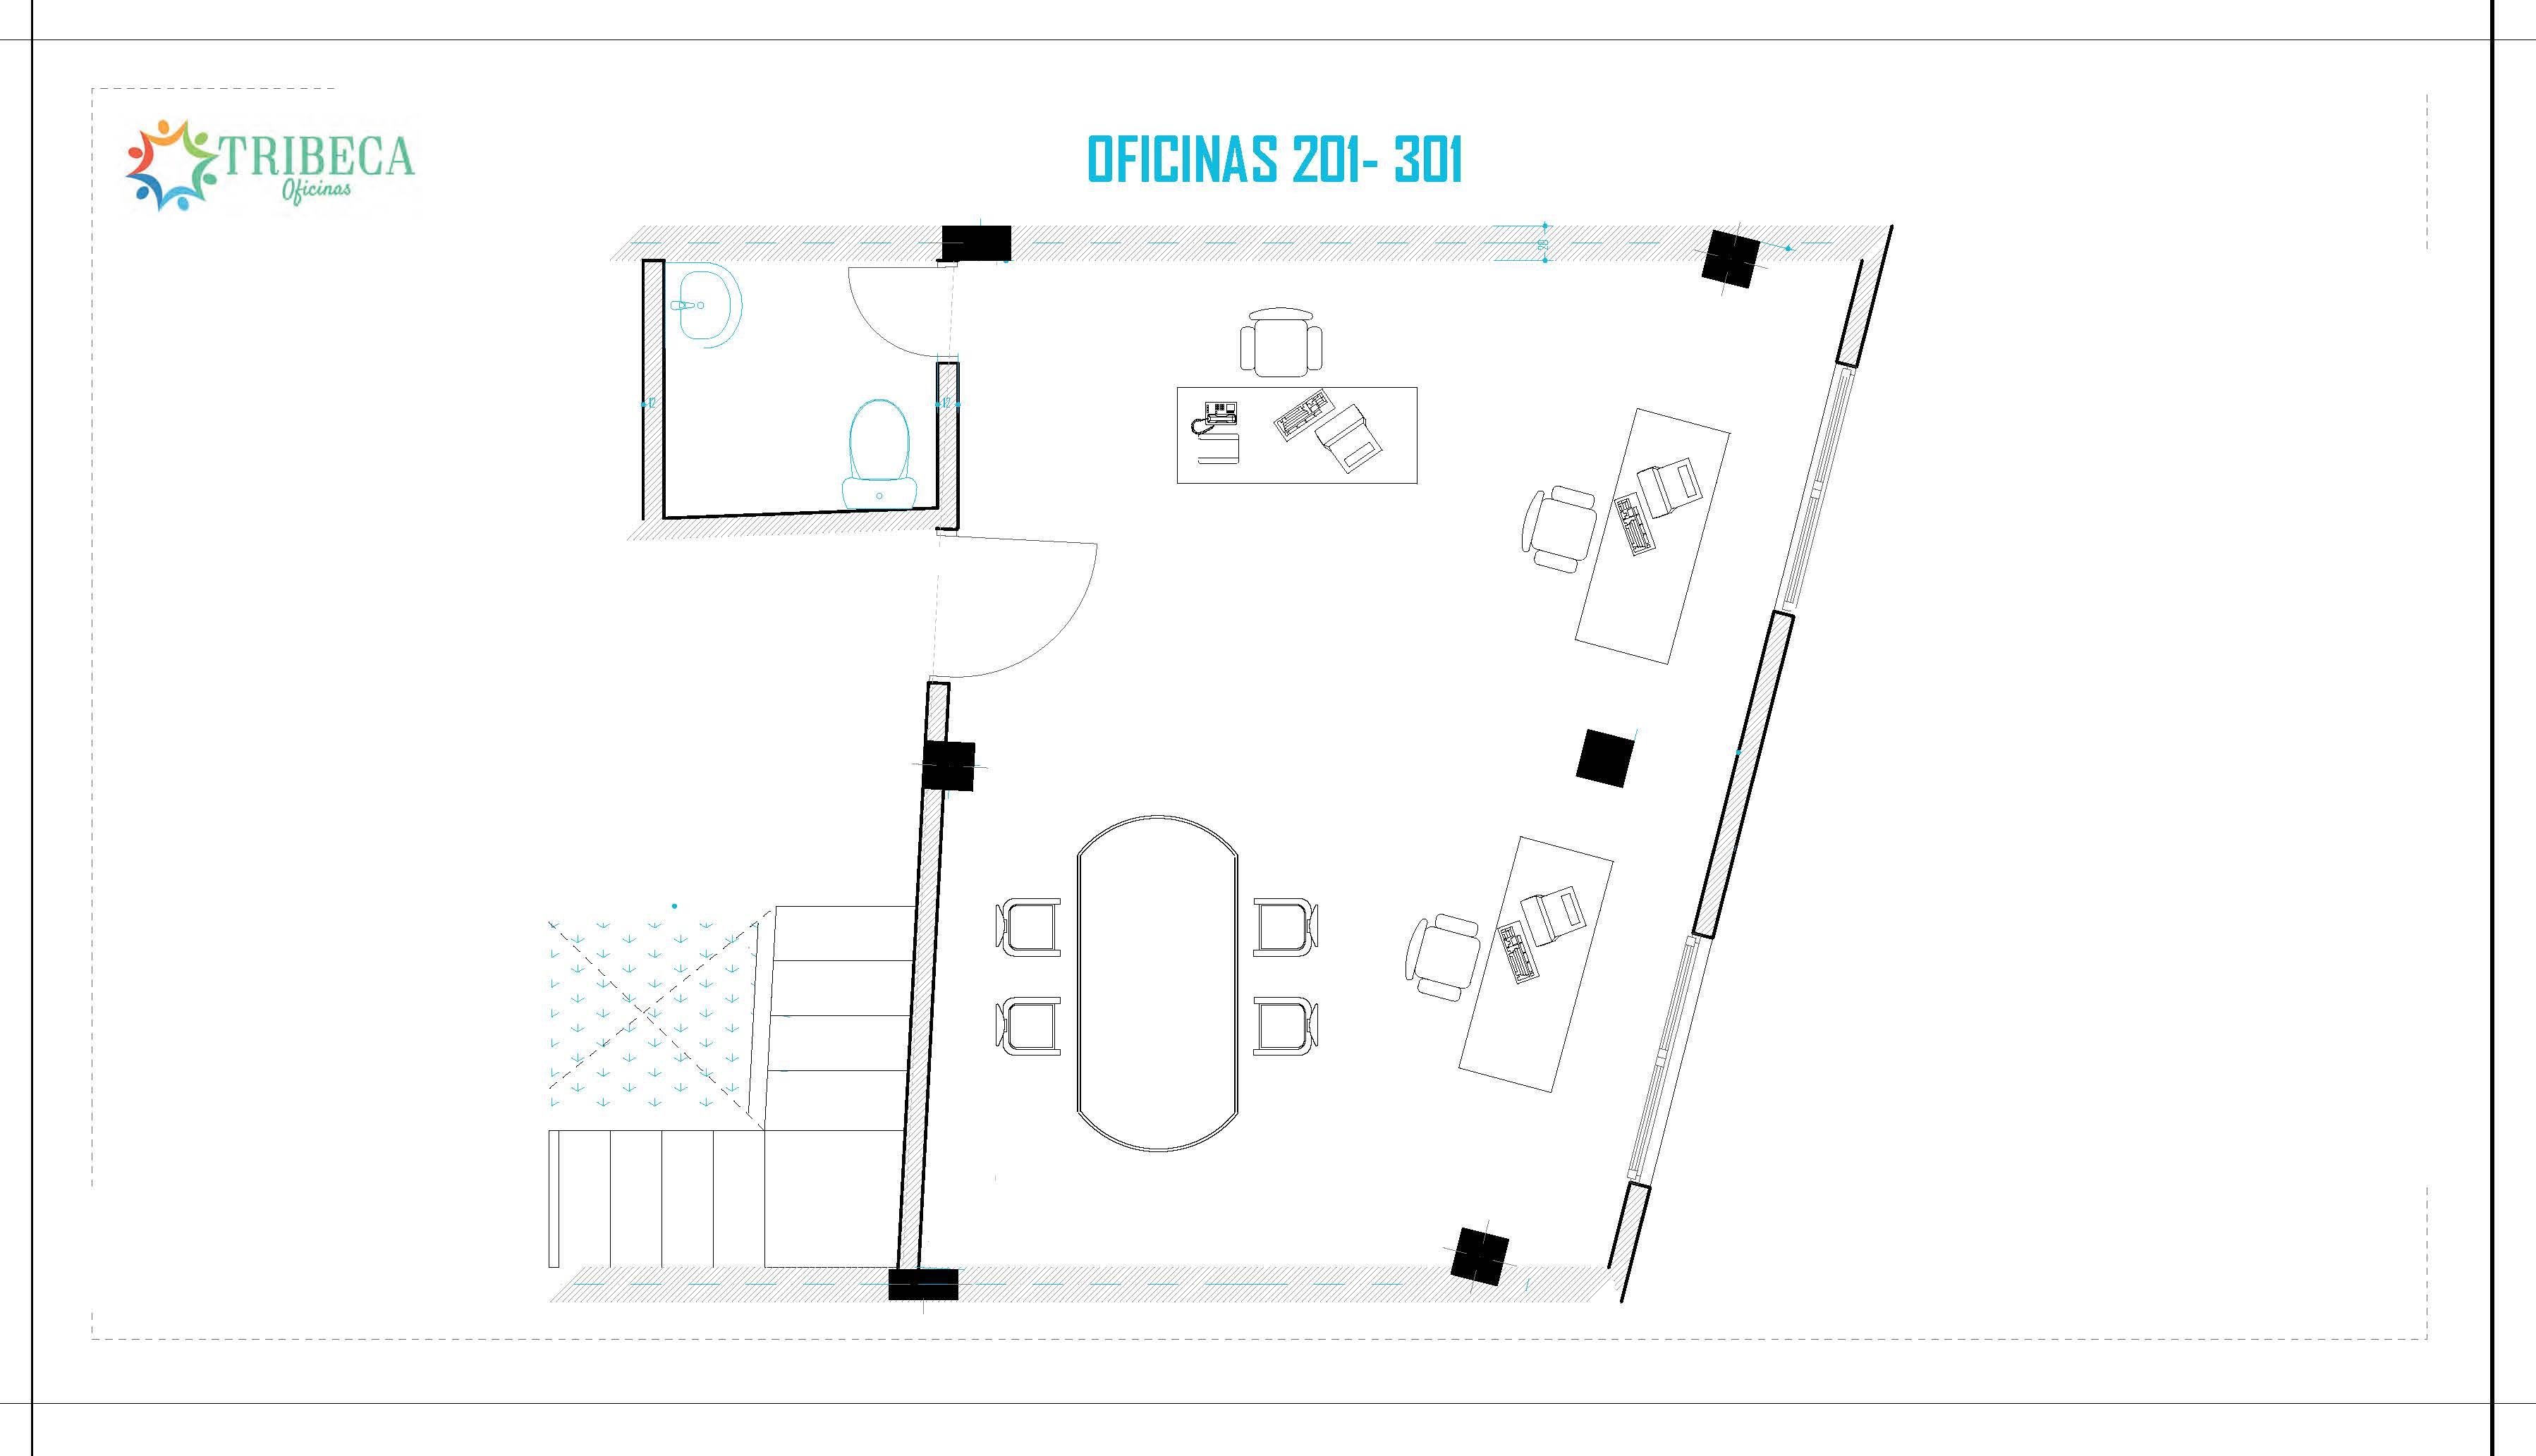 https://0201.nccdn.net/1_2/000/000/0fe/e03/plano-oficinas-con-mesas-sillas-201-301-3596x2065.jpg